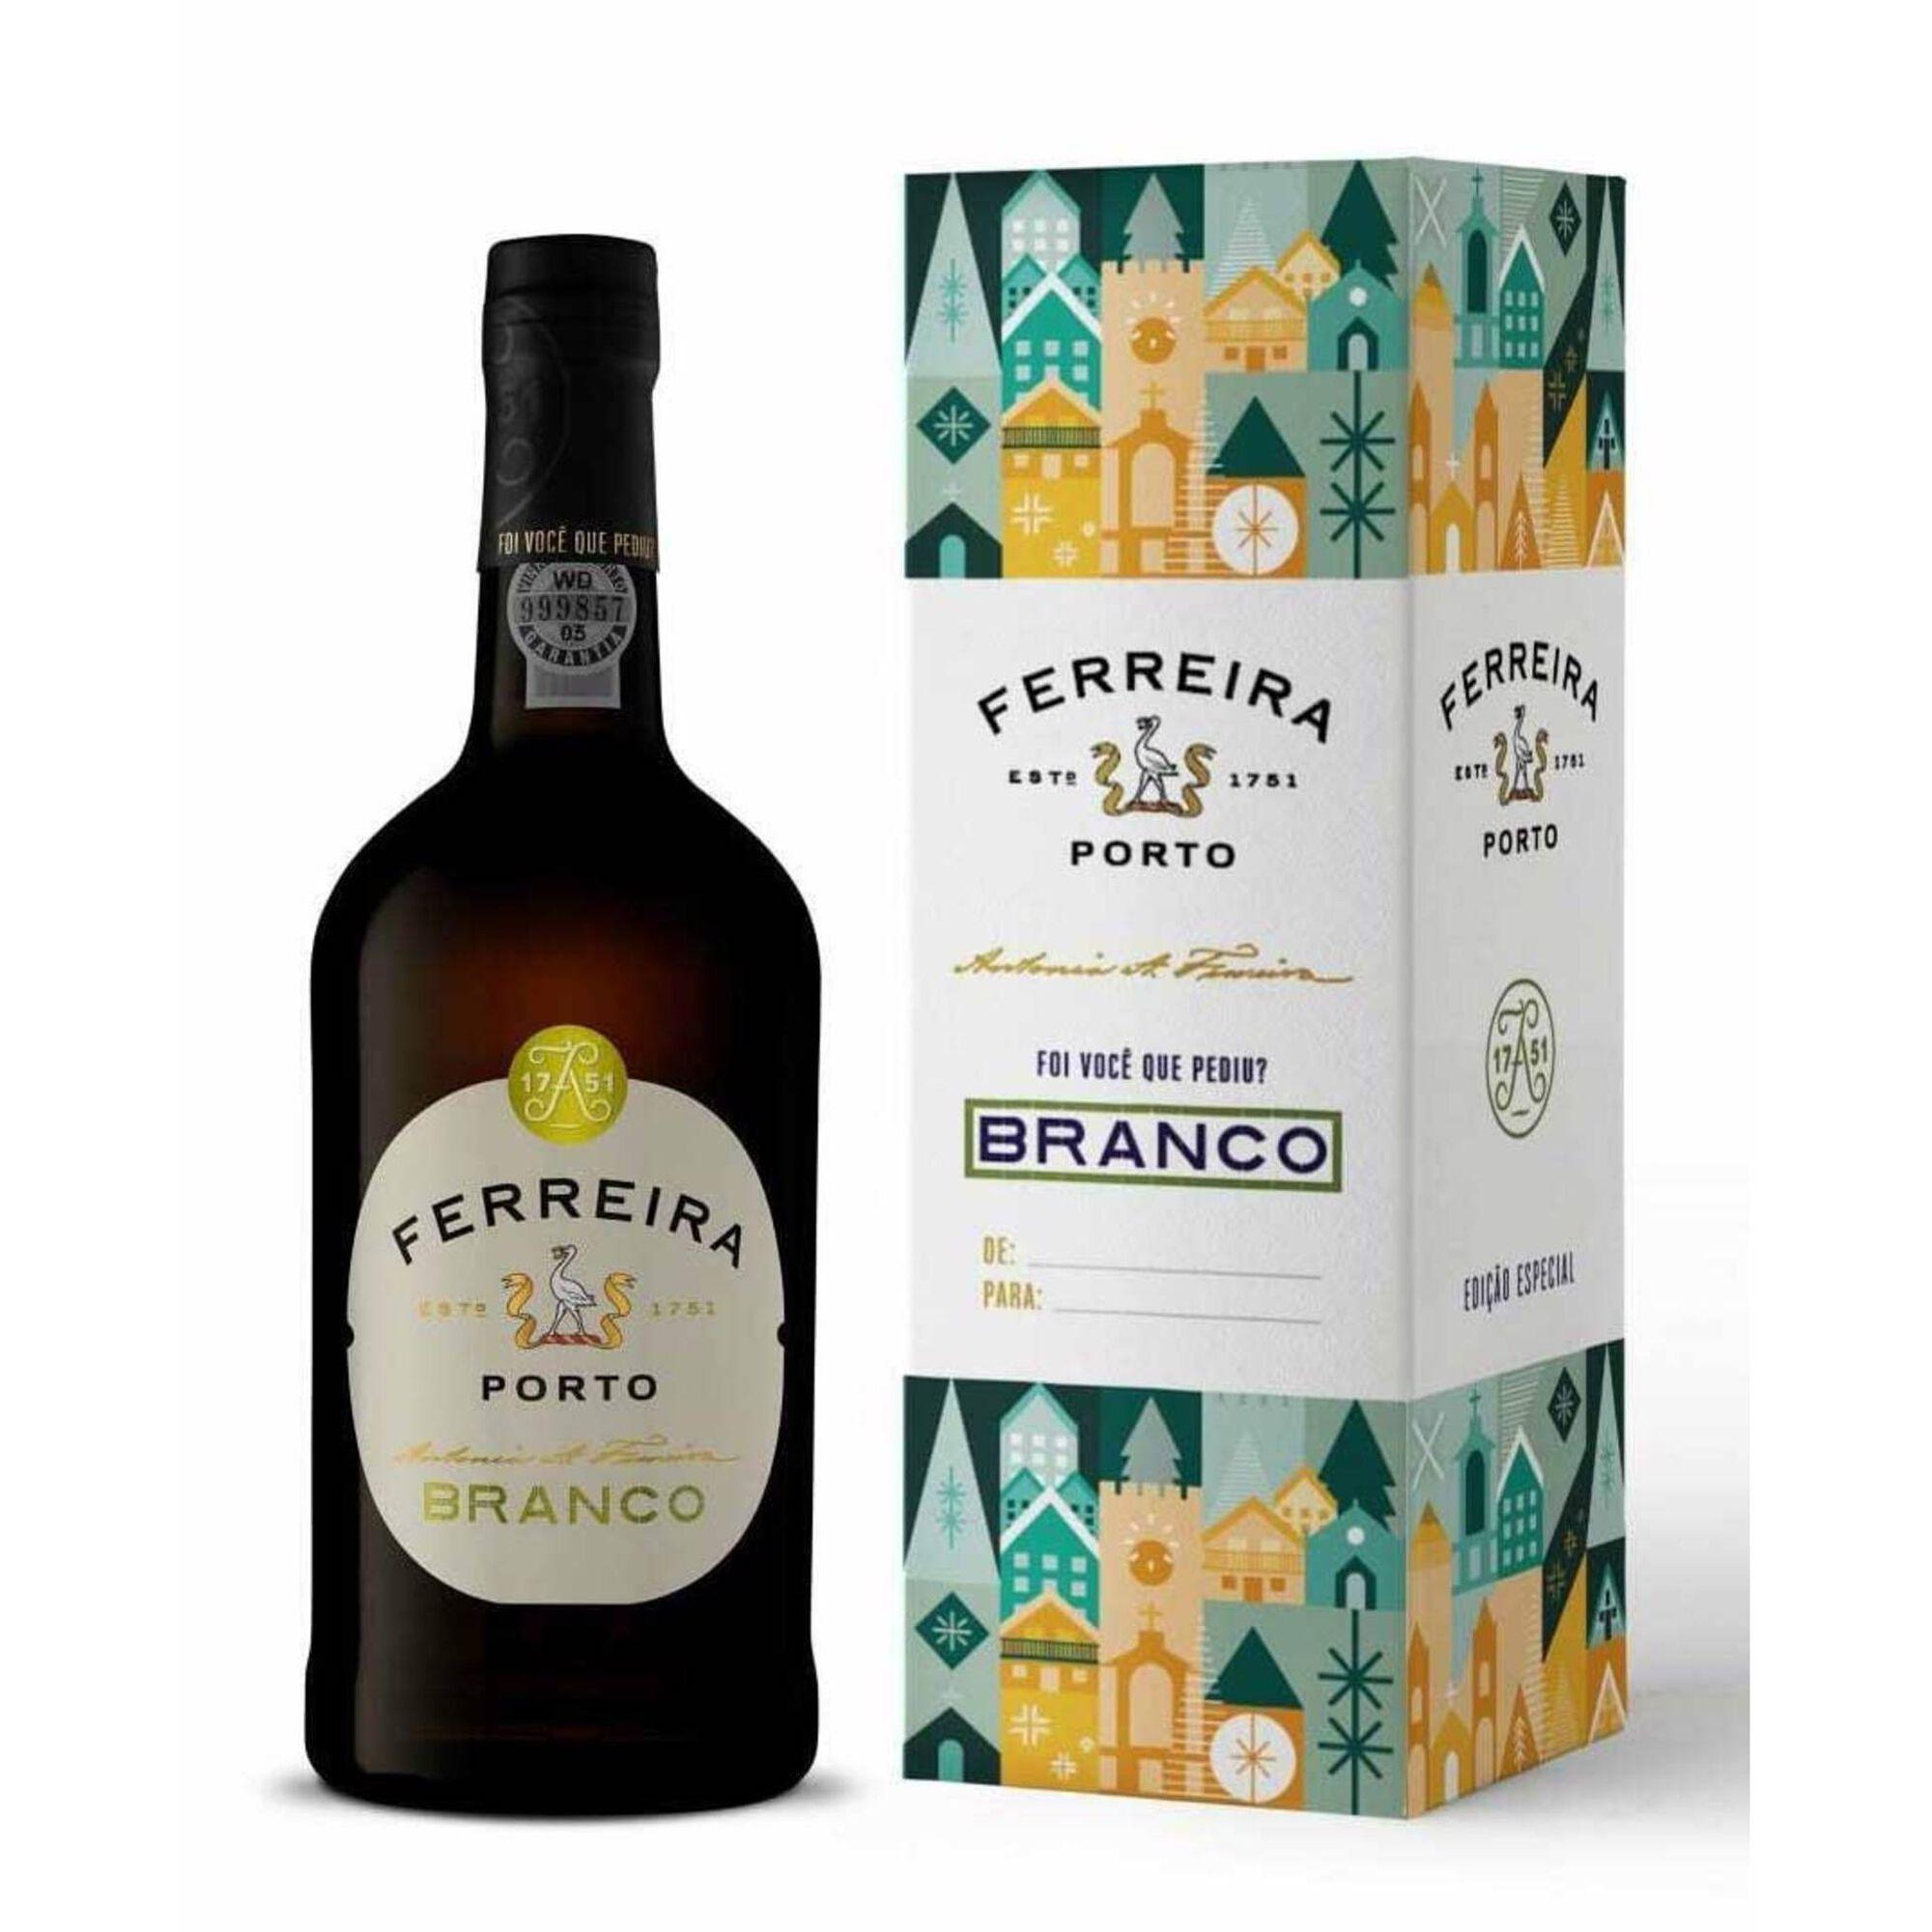 Ferreira Vinho do Porto Branco